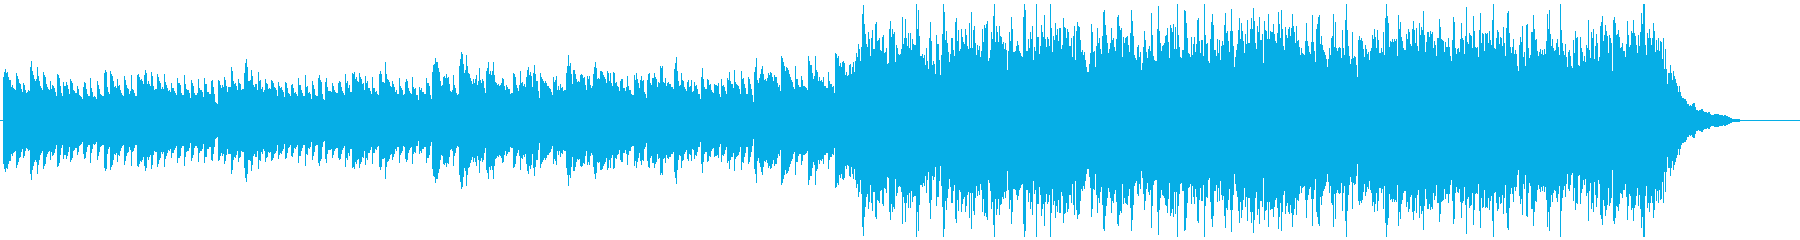 日本らしいメロディアスエモオーケストラ の再生済みの波形